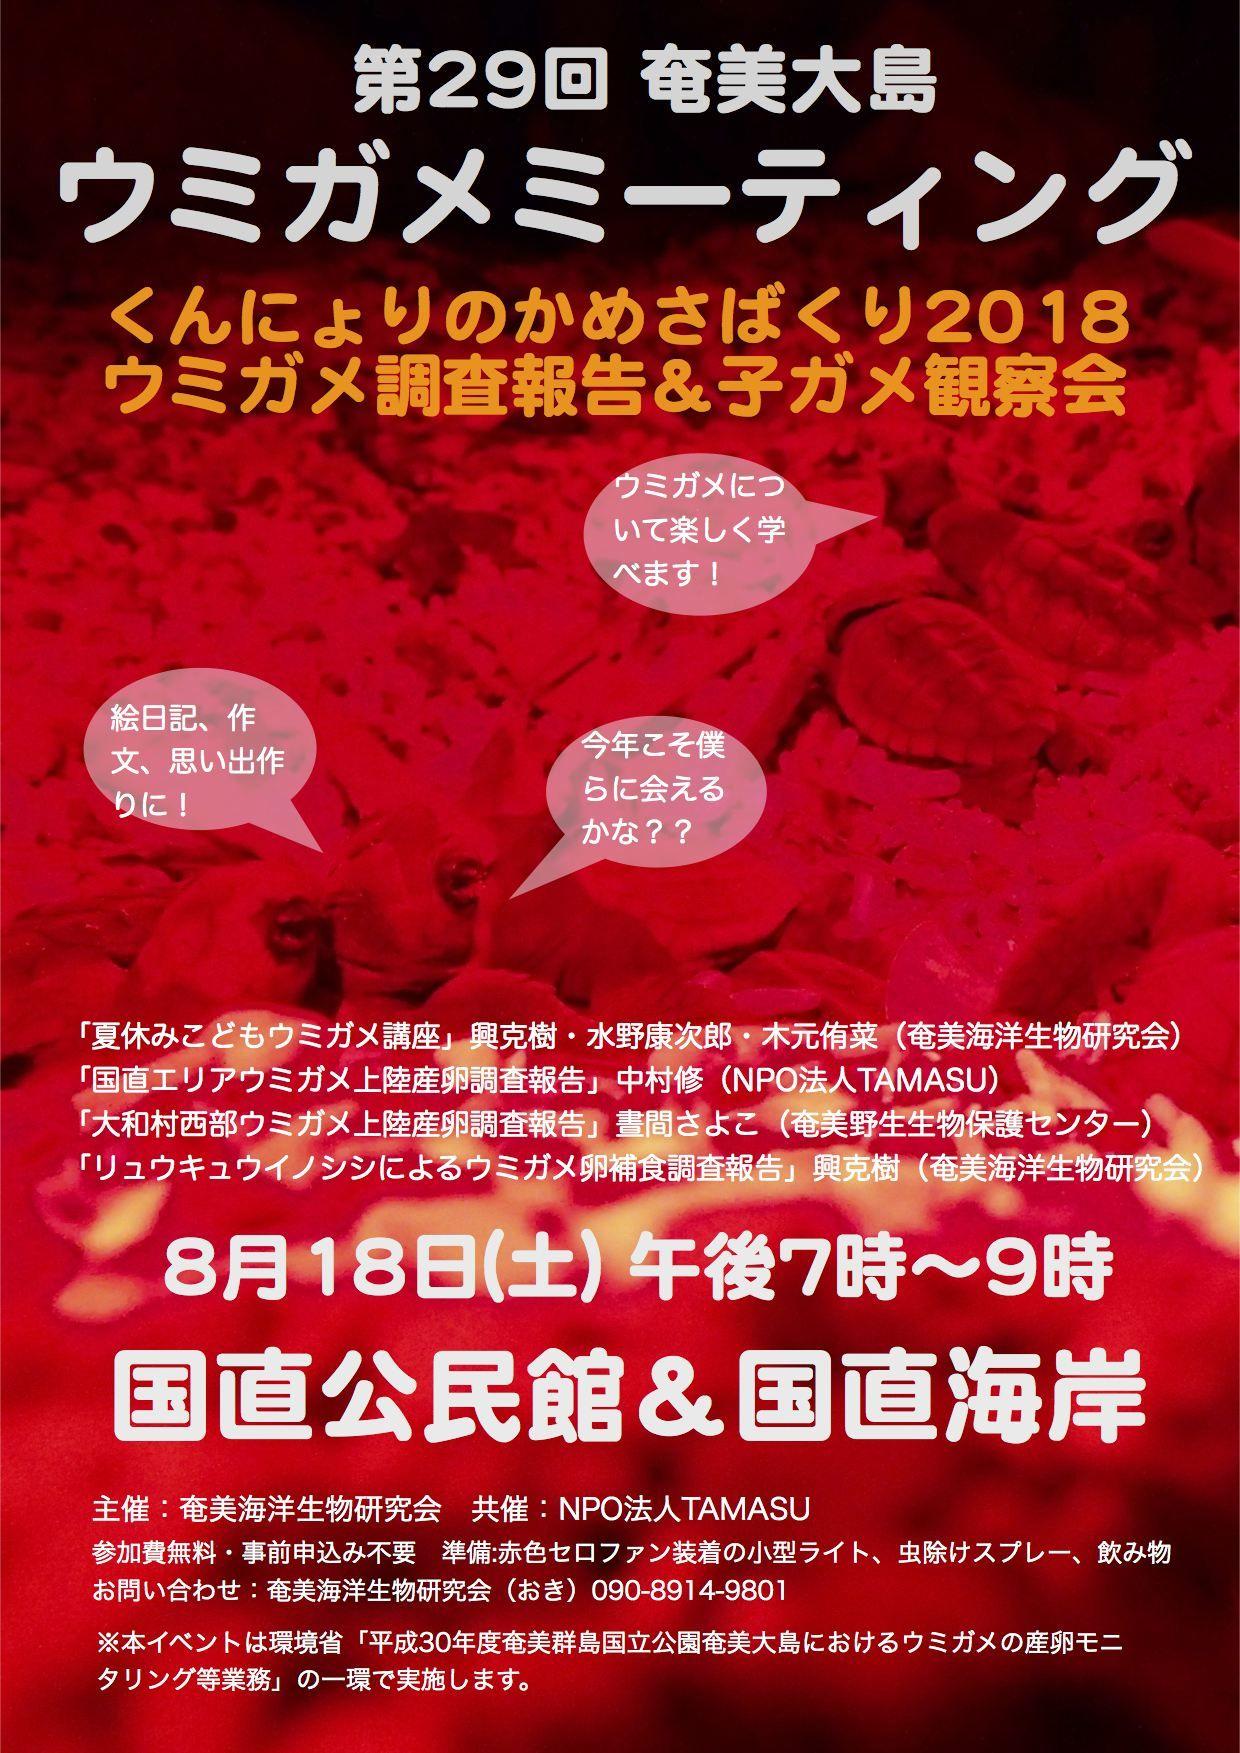 8/18 国直ウミガメミーティング開催!_a0010095_08512457.jpg